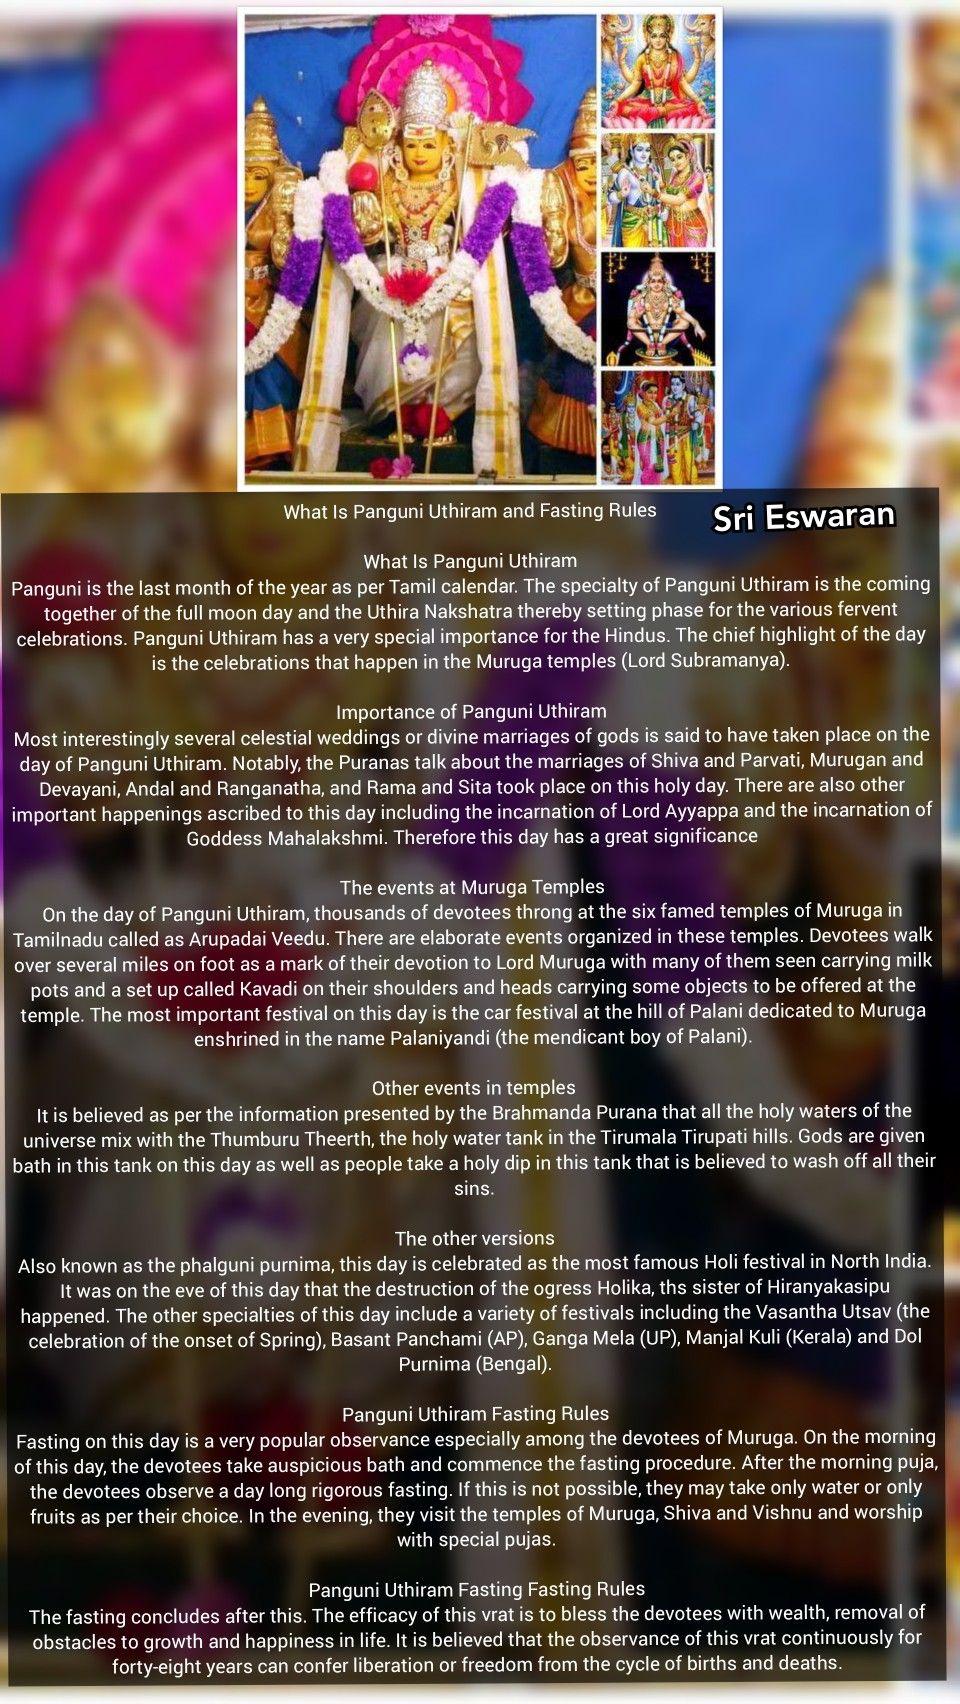 What Is Panguni Uthiram And Fasting Rules What Is Panguni Uthiram